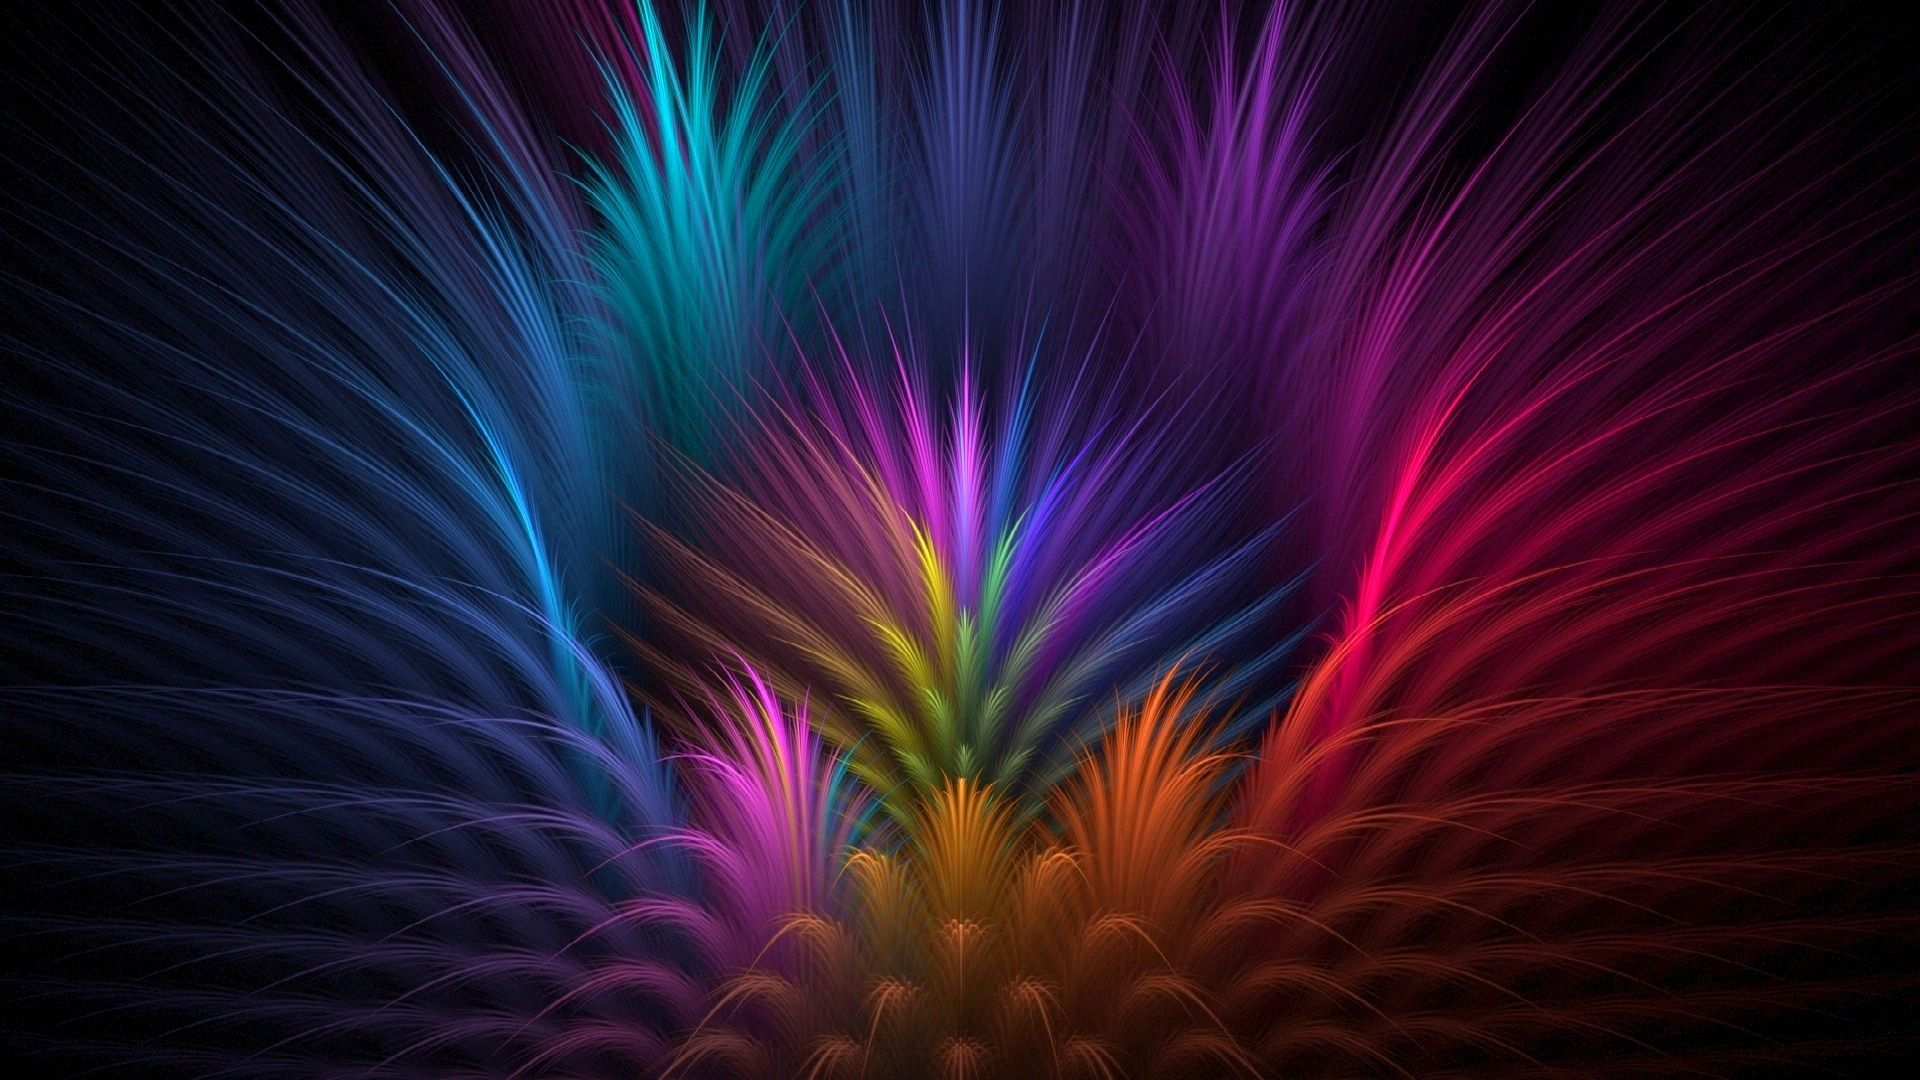 98781 скачать обои Цветок, Абстракция, Линии, Лепестки, Объем, Перья, Лучи, Симметрия - заставки и картинки бесплатно